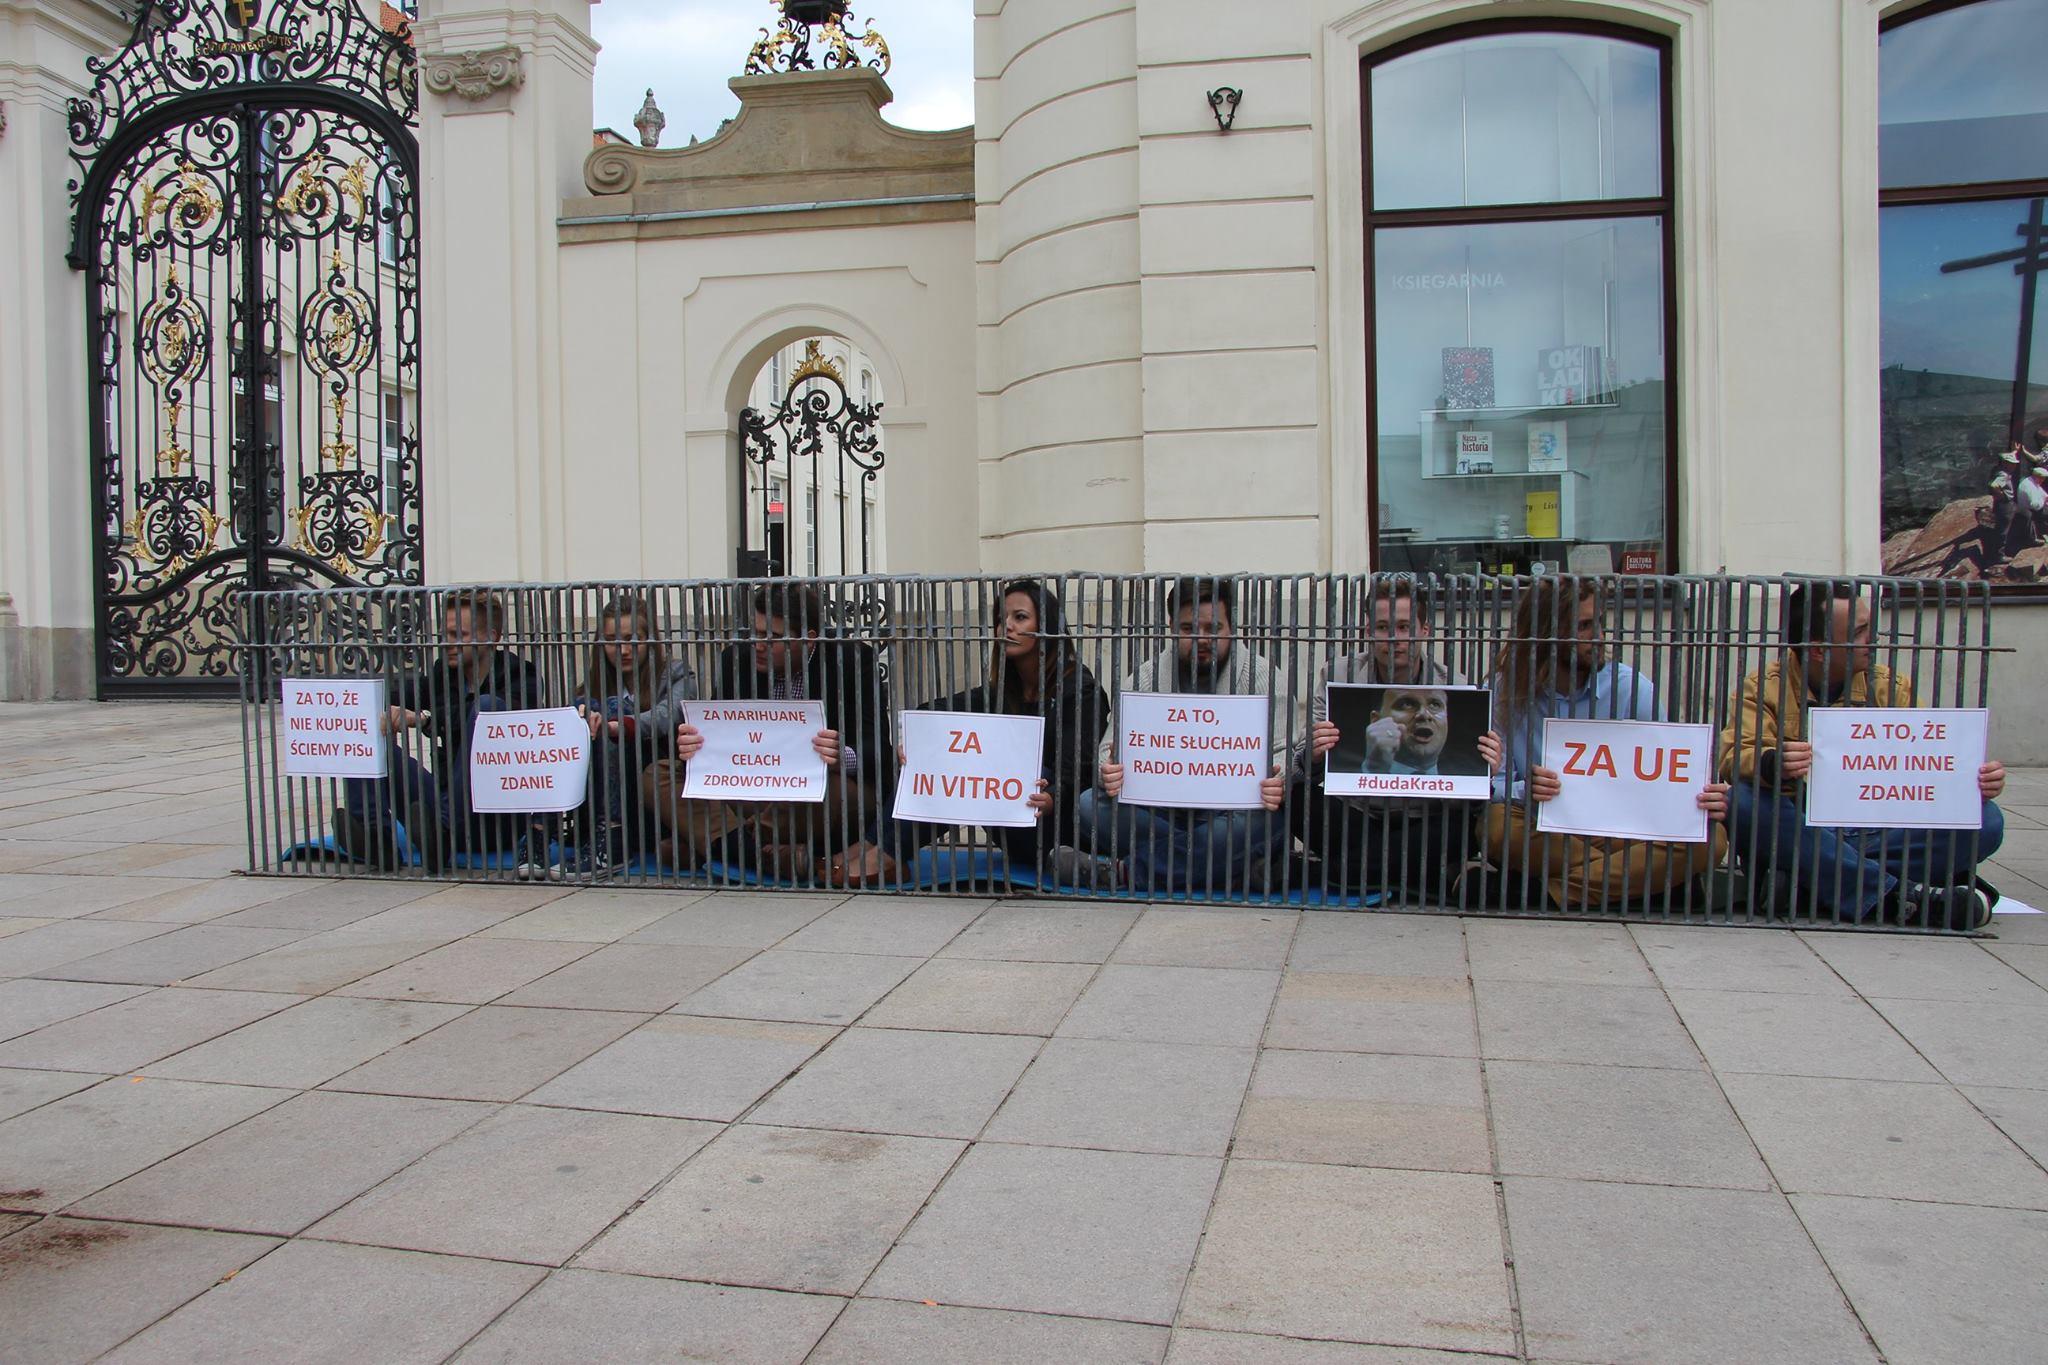 Nowa akcja Komorowskiego. Młodzi zamykają się za kratkami